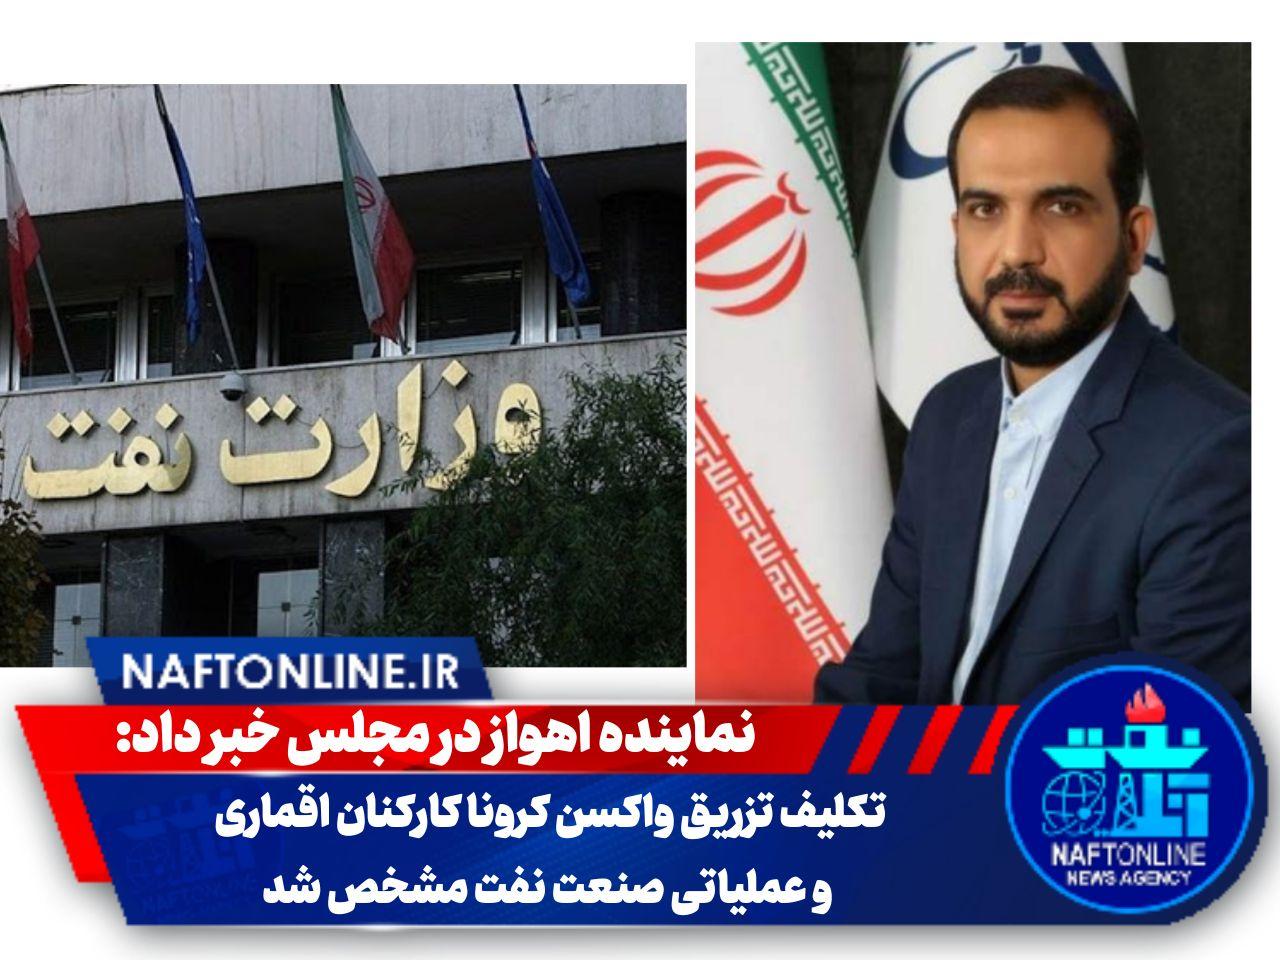 مهندس مجتبی یوسفی | نماینده اهواز در مجلس شورای اسلامی | نفت آنلاین